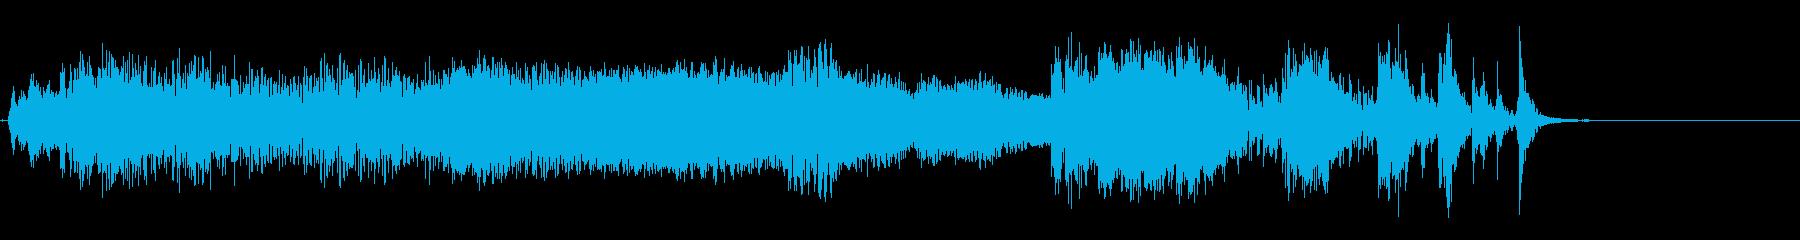 深くて重いうめき声の再生済みの波形